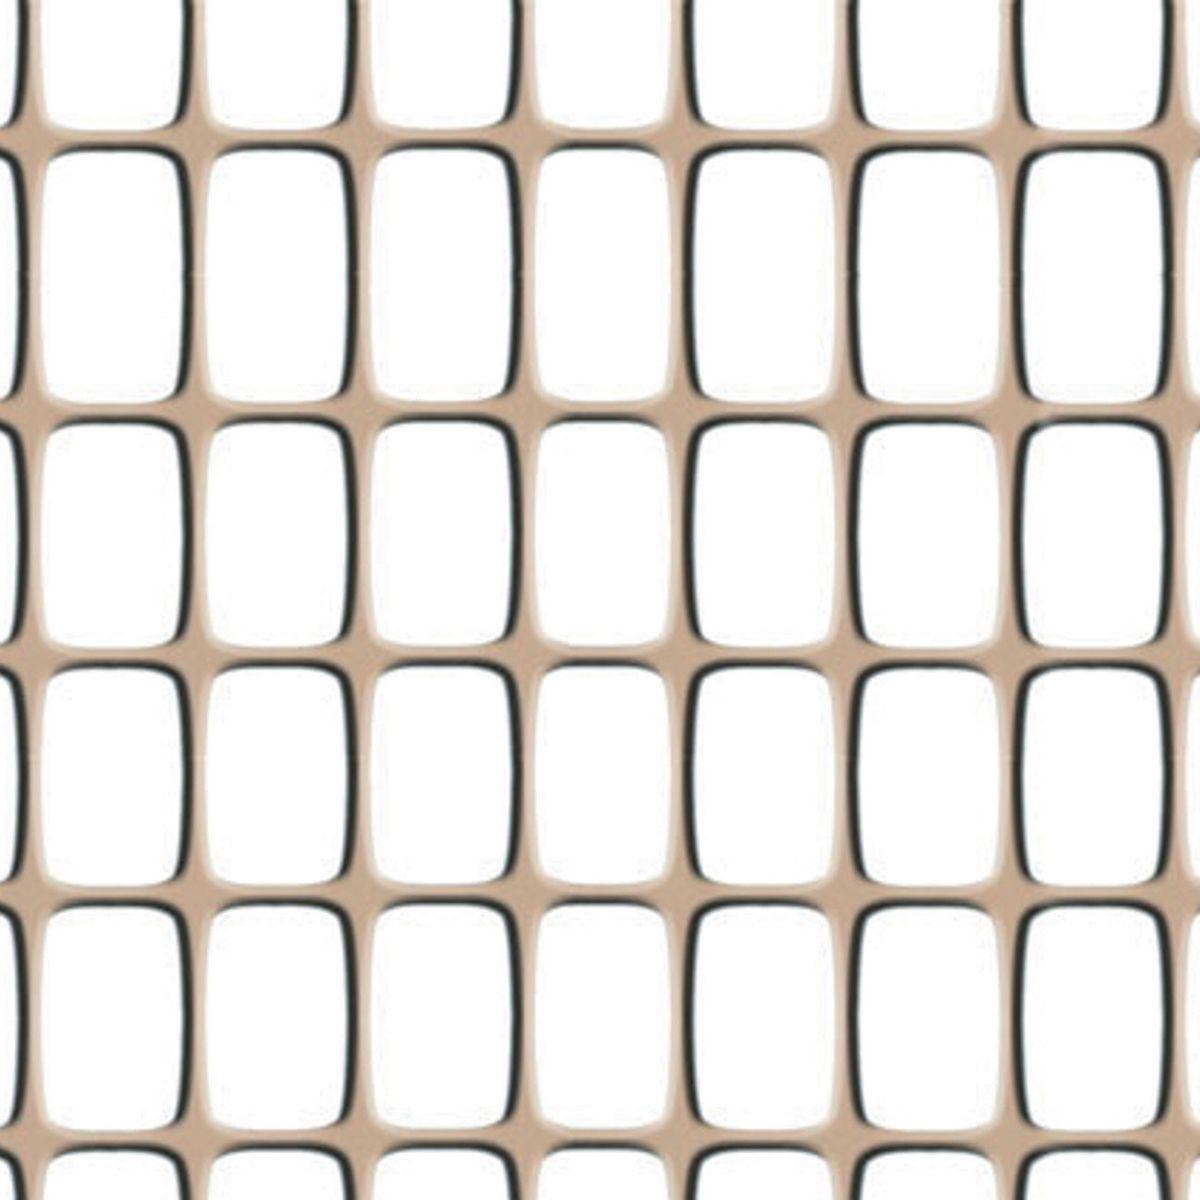 Rete da massetto in acciaio L 200 x H 100 cm: prezzi e offerte online